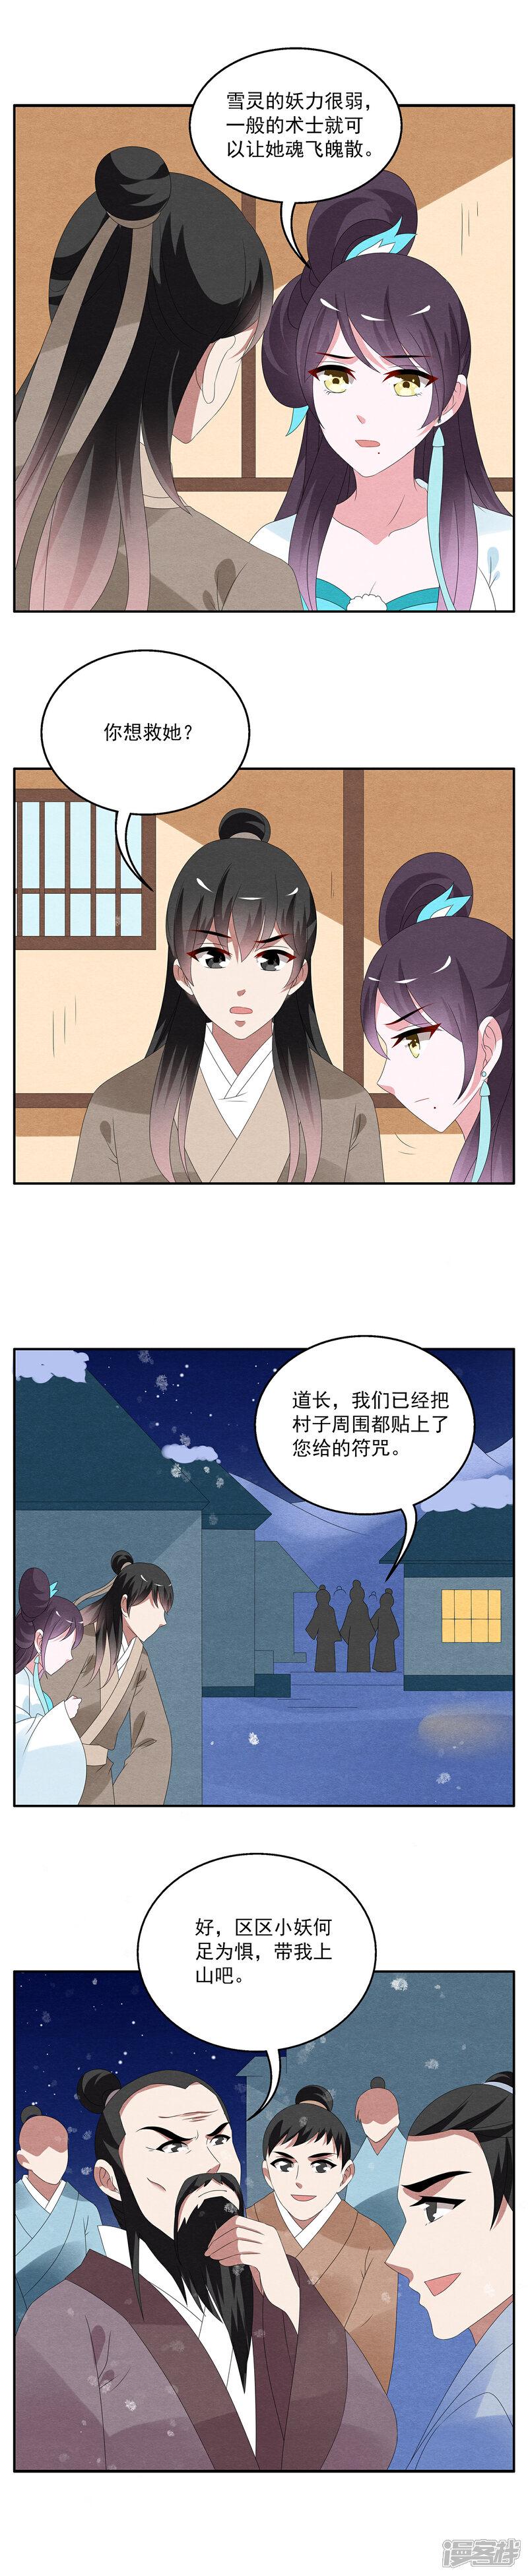 洛小妖98990009.JPG